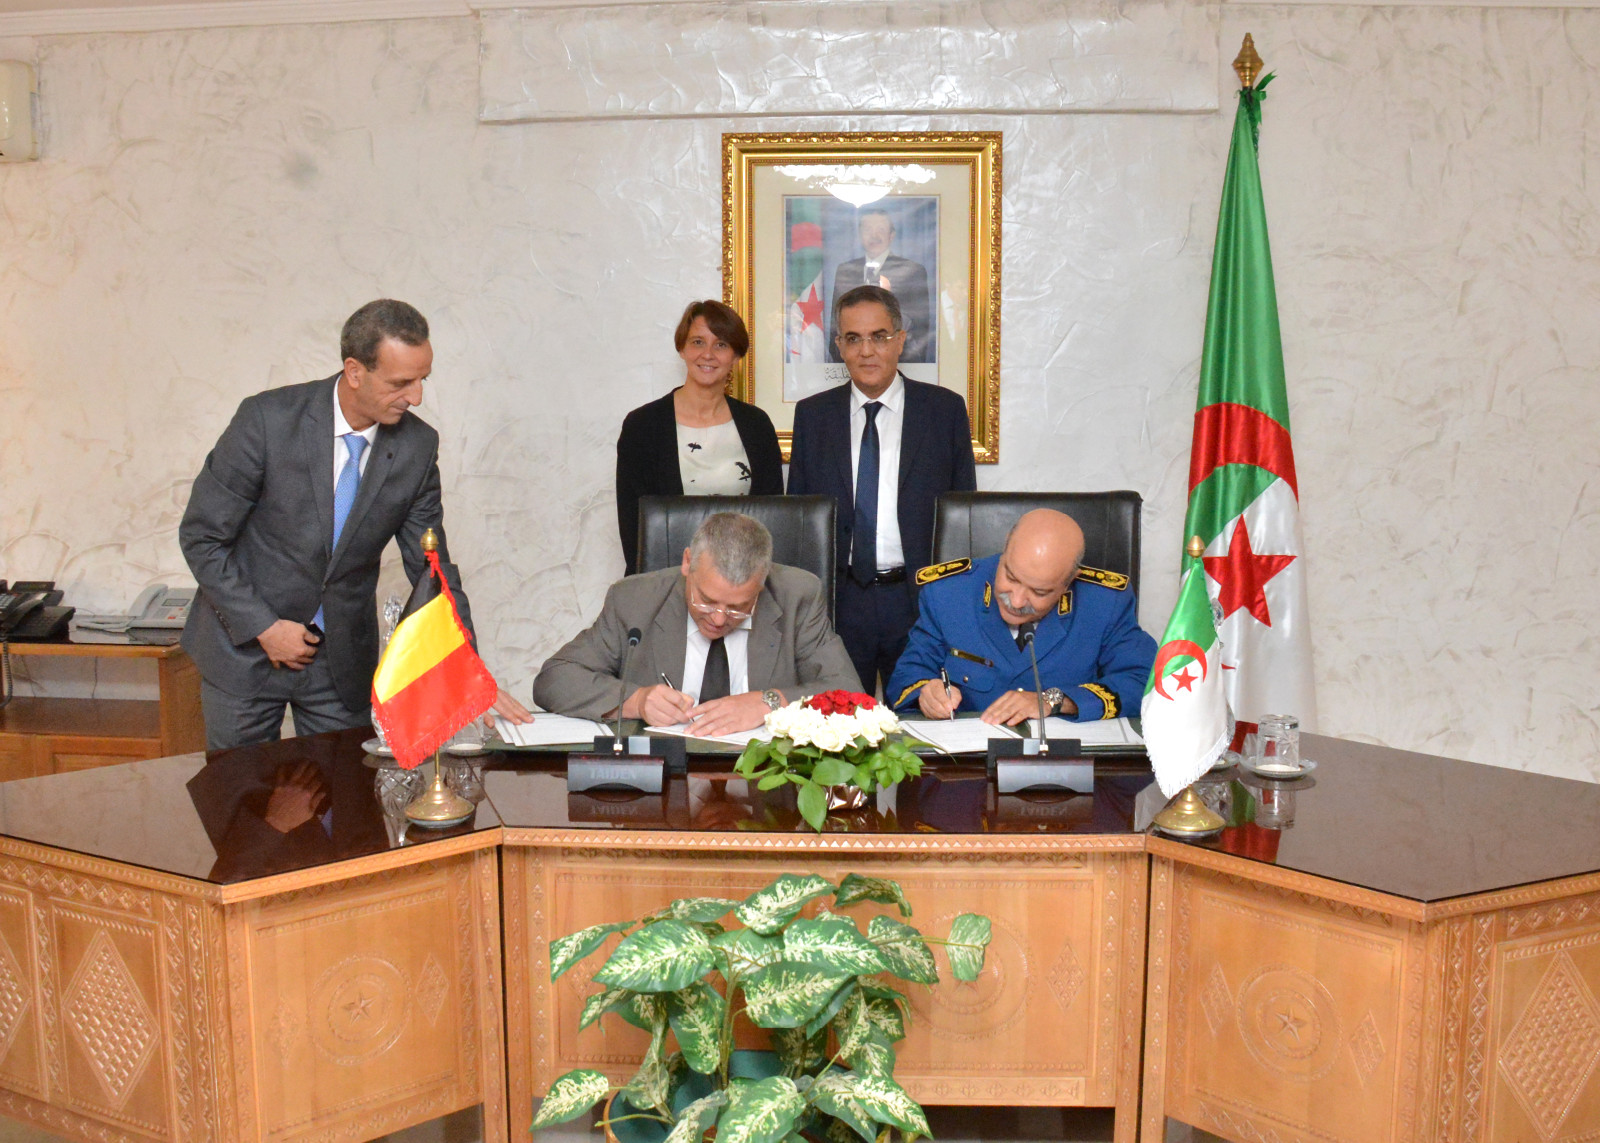 Une d l gation du minist re de l 39 int rieur belge a for Interieur gov dz